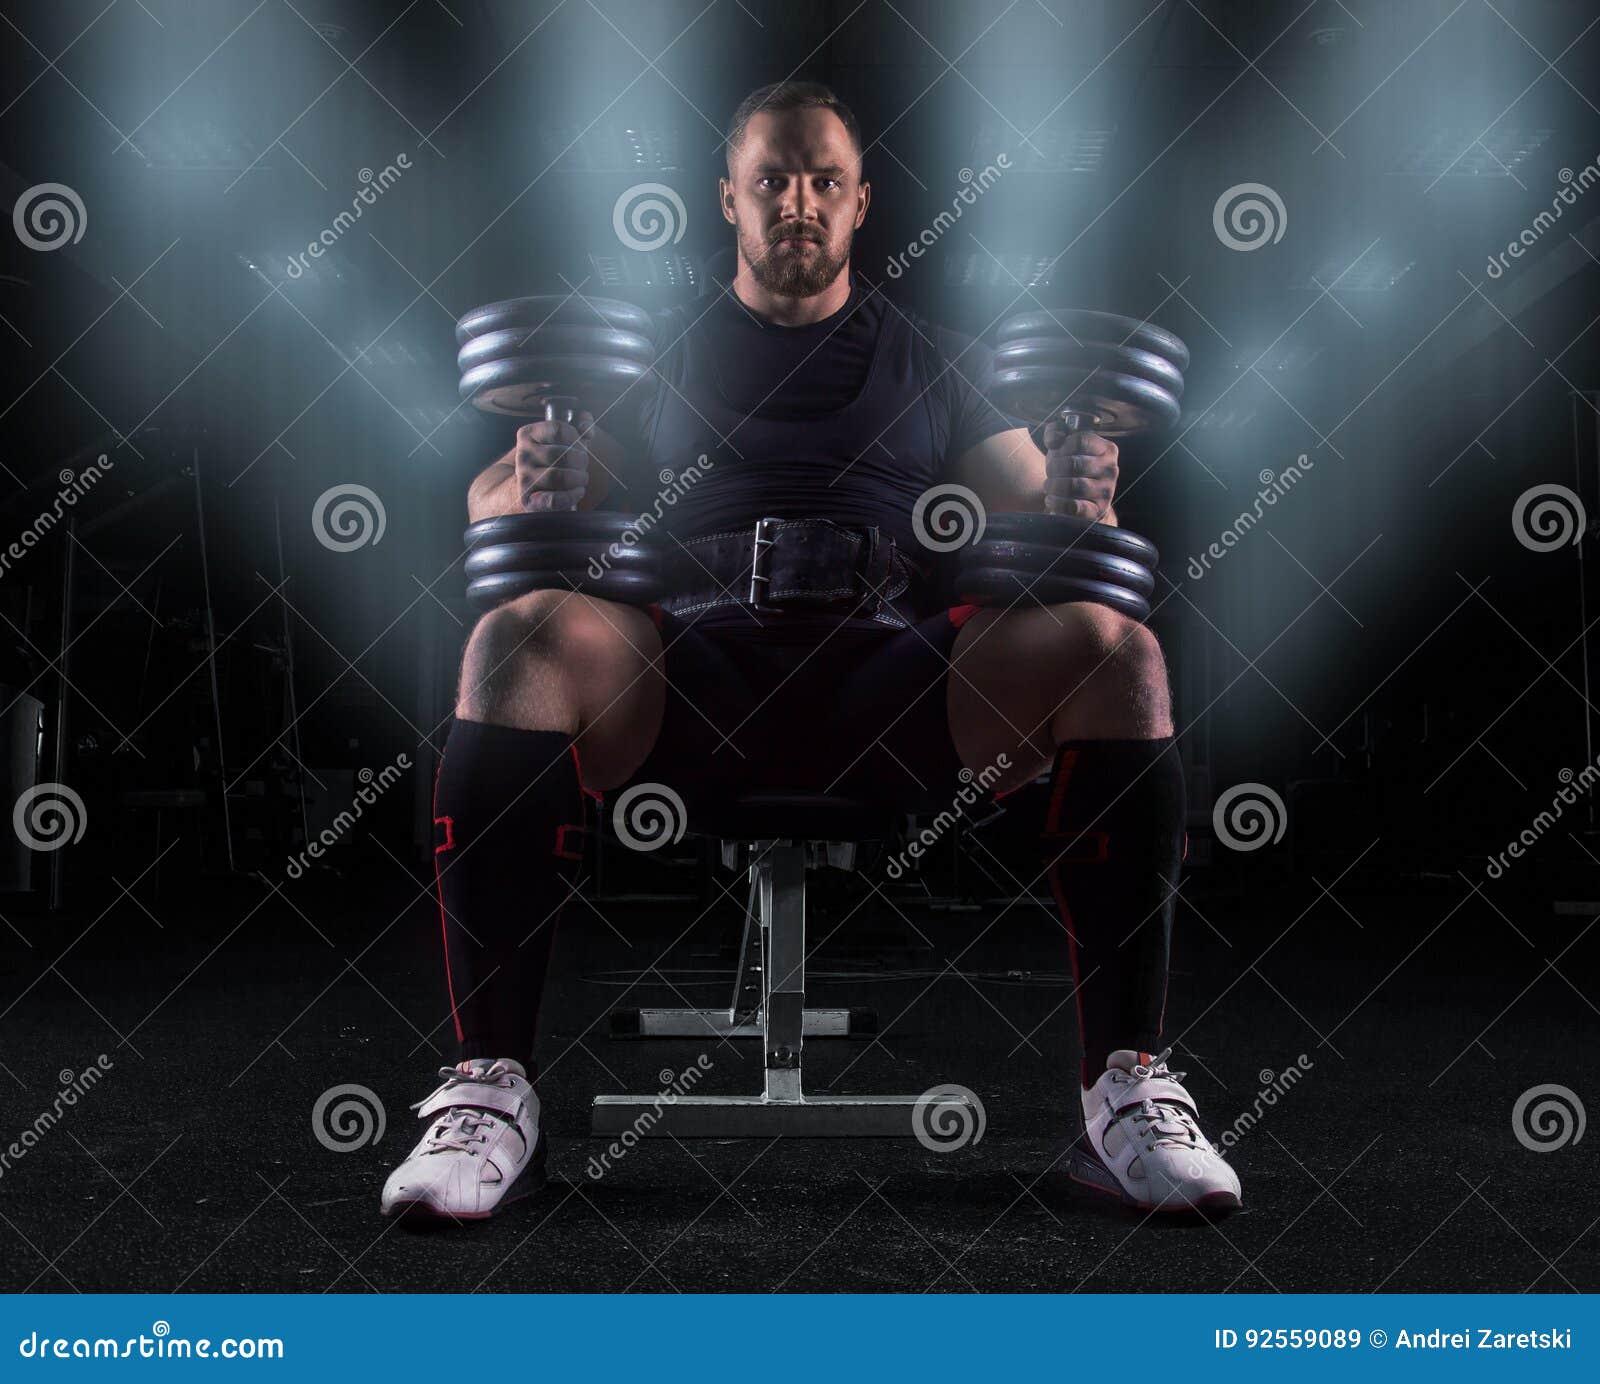 Il sollevatore pesi professionale si siede su un banco con due teste di legno sopra